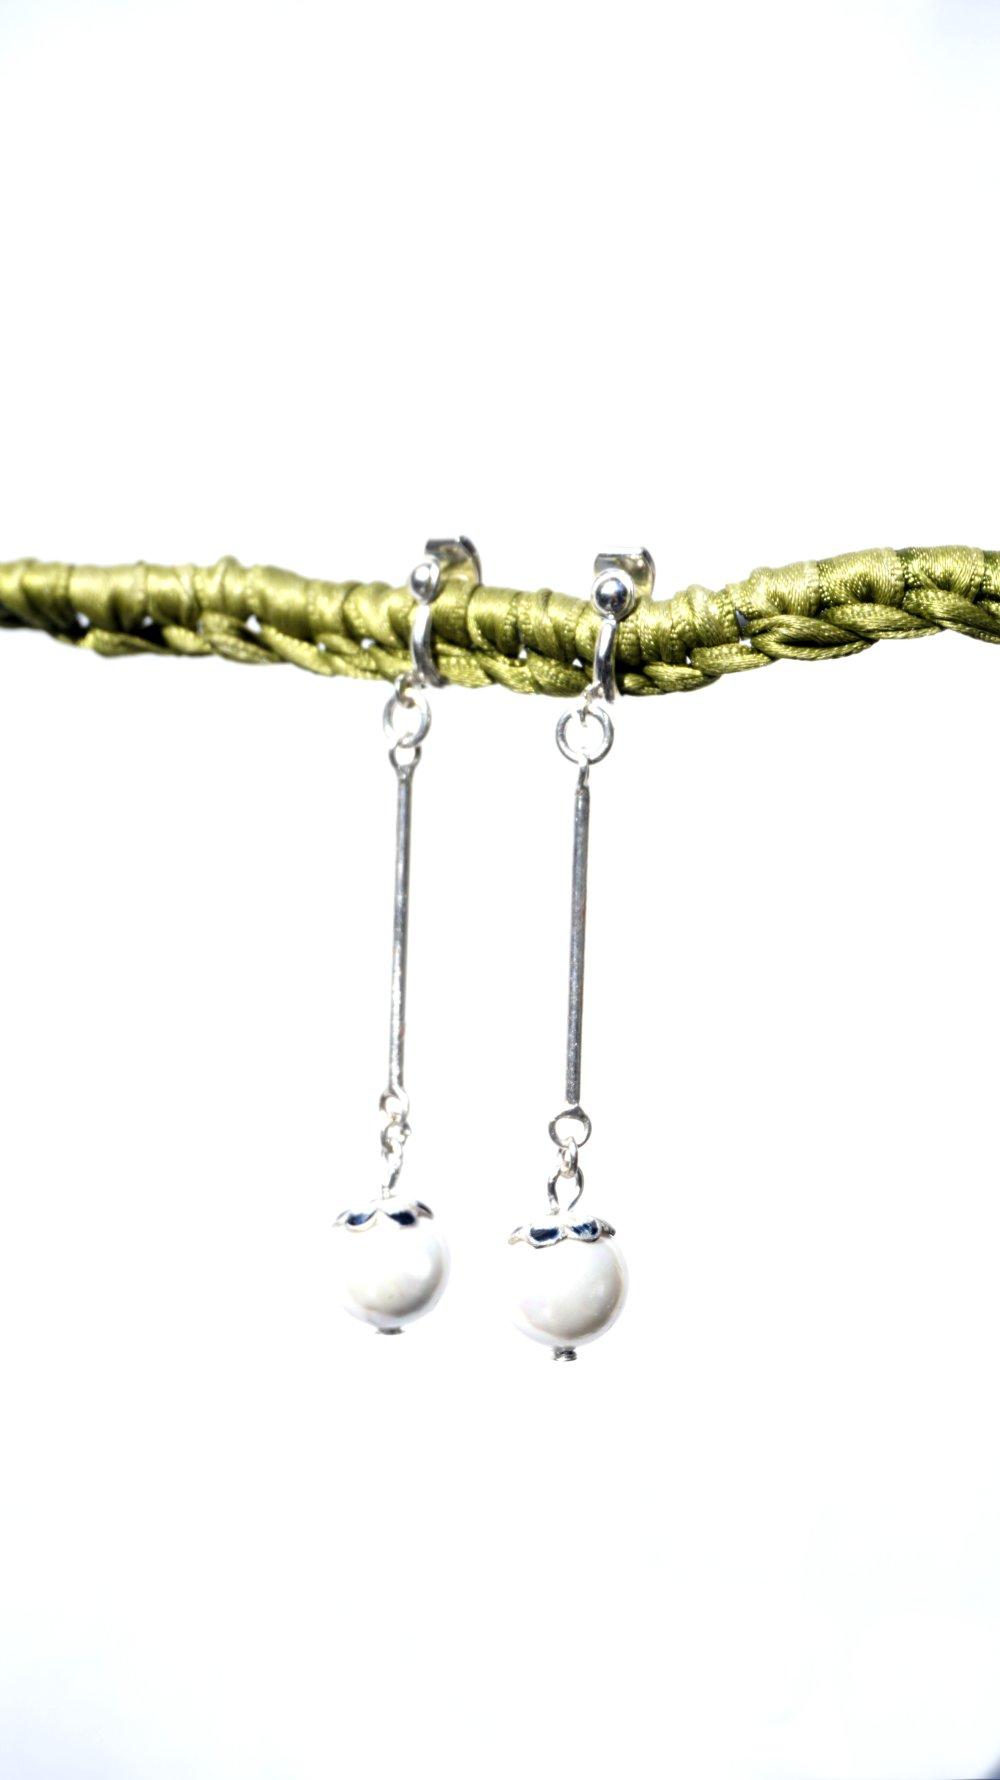 Argent 925 CLIPS Argent 925 Boucles d'oreilles Clips Perle Nacre Bijoux Création Française Vintage Fait main